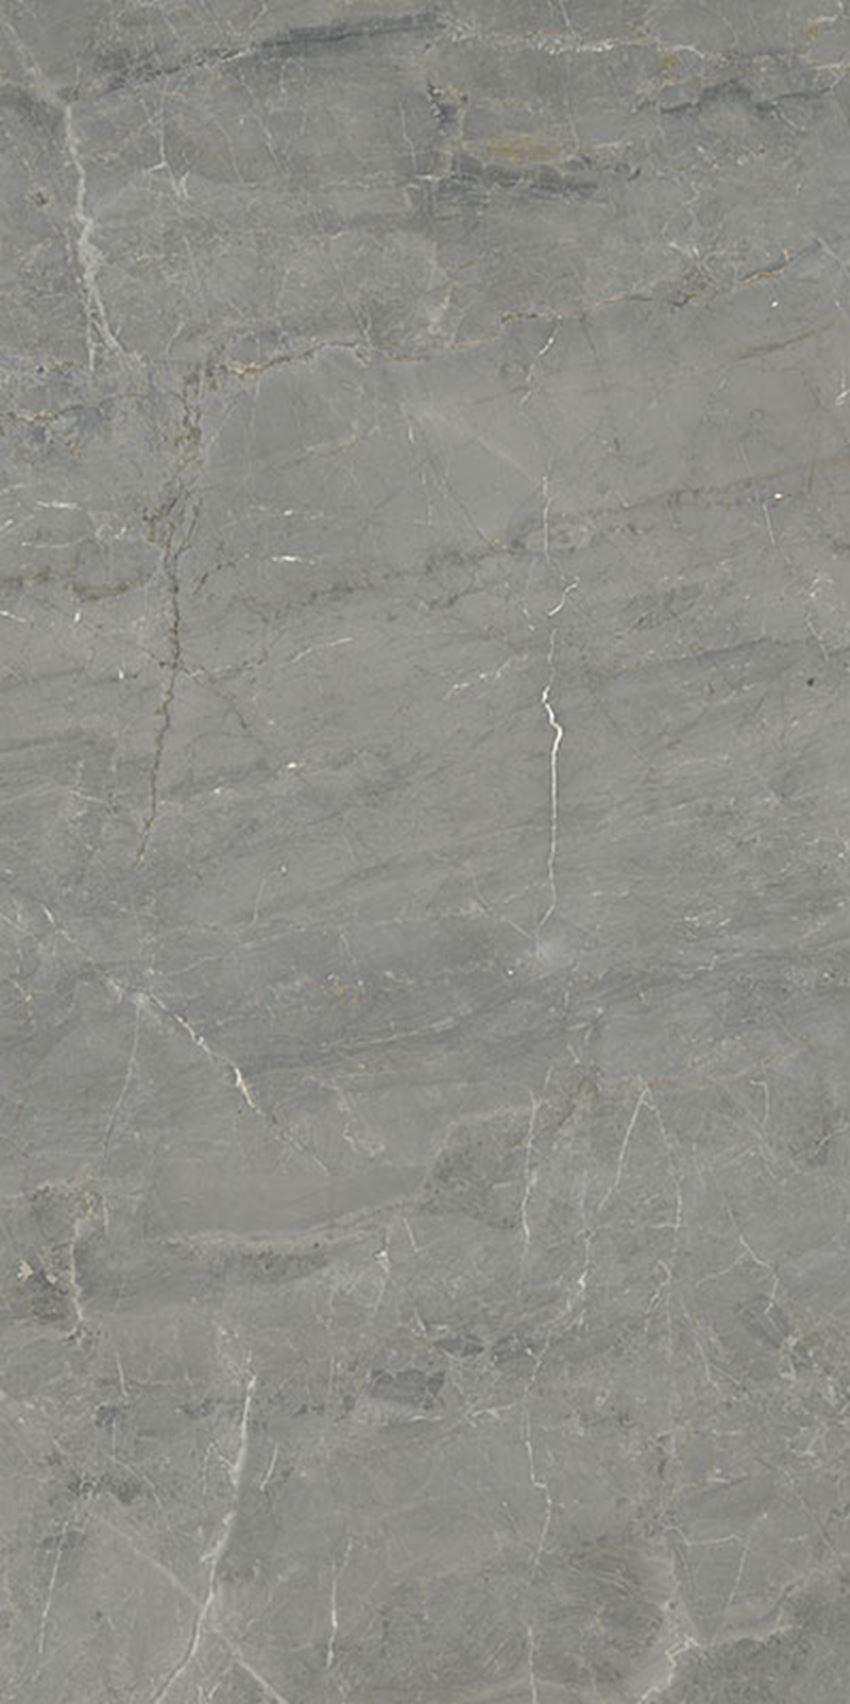 Płytka ścienno-podłogowa 59,8x119,8 cm Paradyż Marvelstone Light Grey Gres Szkl. Rekt. Mat.